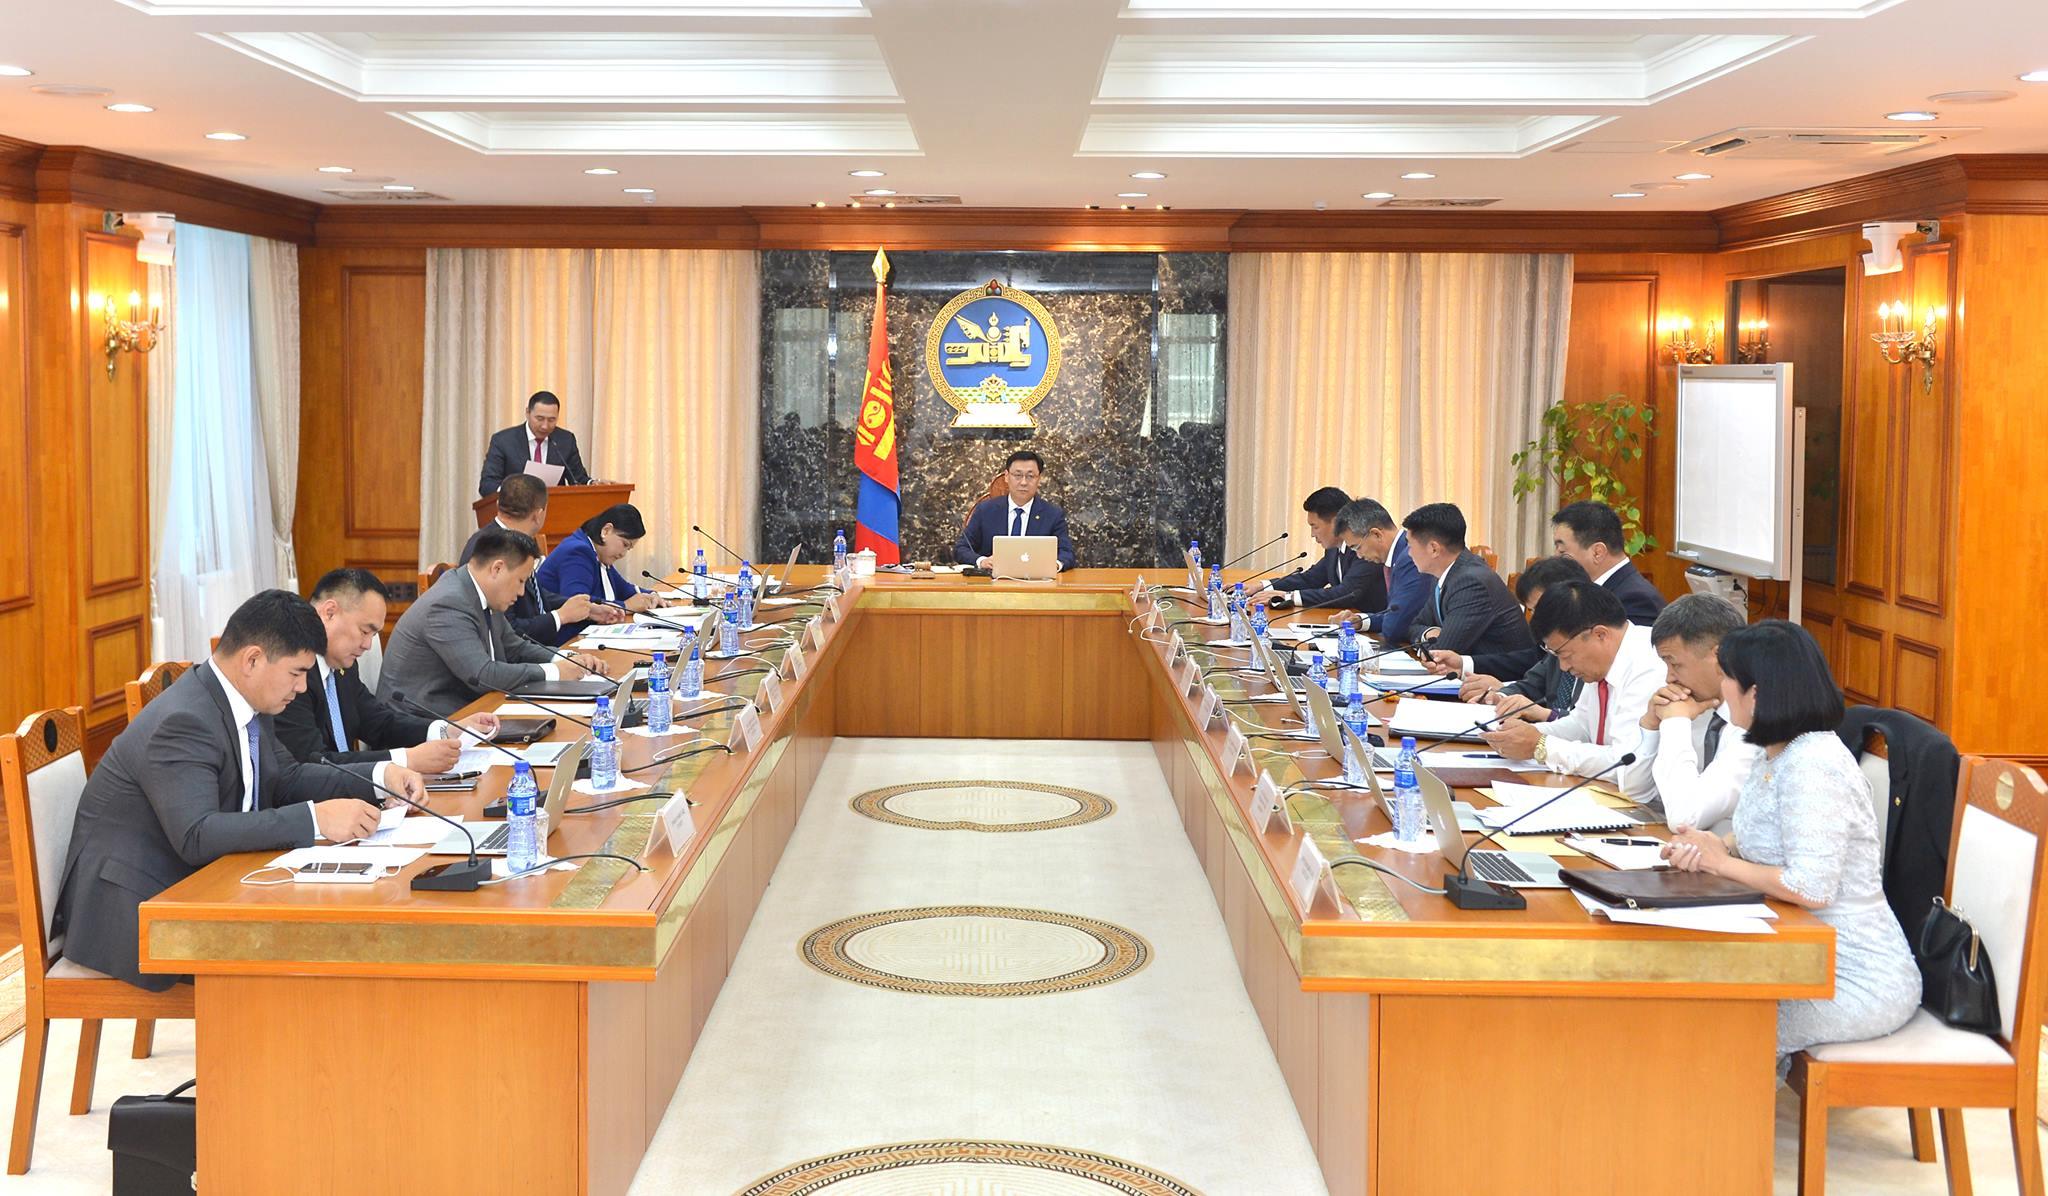 УБТЗ-ын ерөнхий хувь нийлүүлэгчийг томиллоо